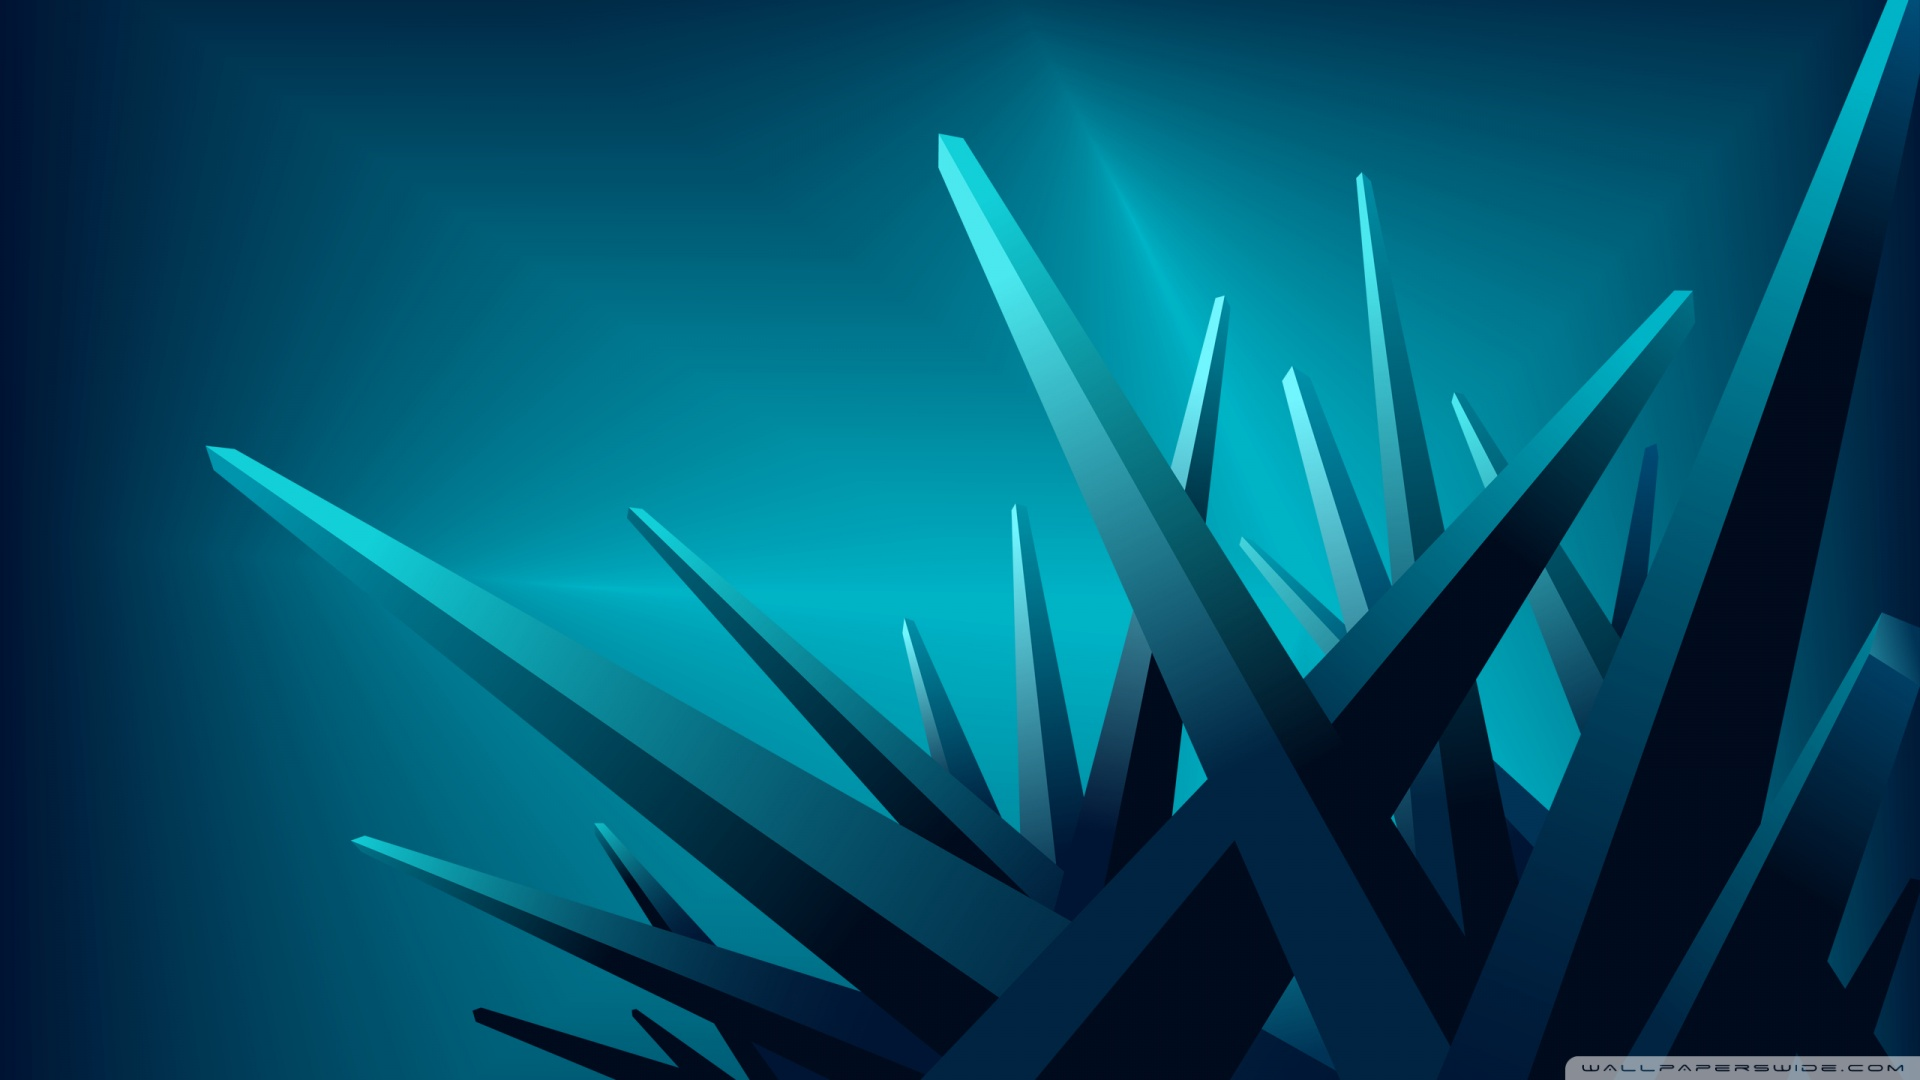 blue_3d_crystals-wallpaper-1920×1080